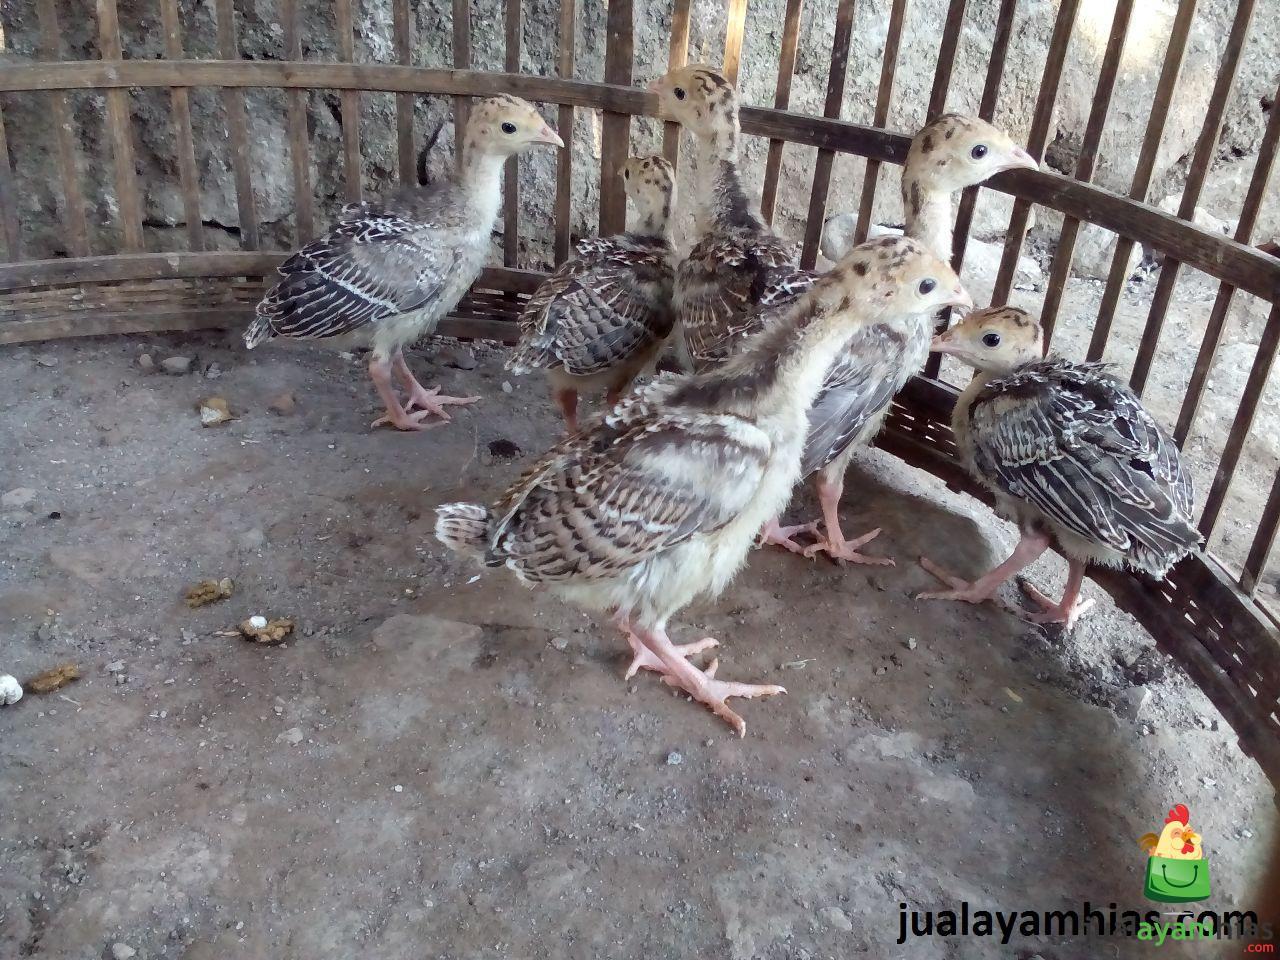 Ayam Kalkun Bronze Umur 1 Bulan 2 Cara Mudah Membuat Tempat Mengeram untuk Ayam Kalkun Jual Ayam Hias HP : 08564 77 23 888 | BERKUALITAS DAN TERPERCAYA Cara Mudah Membuat Tempat Mengeram untuk Ayam Kalkun Cara Mudah Membuat Tempat Mengeram untuk Ayam Kalkun